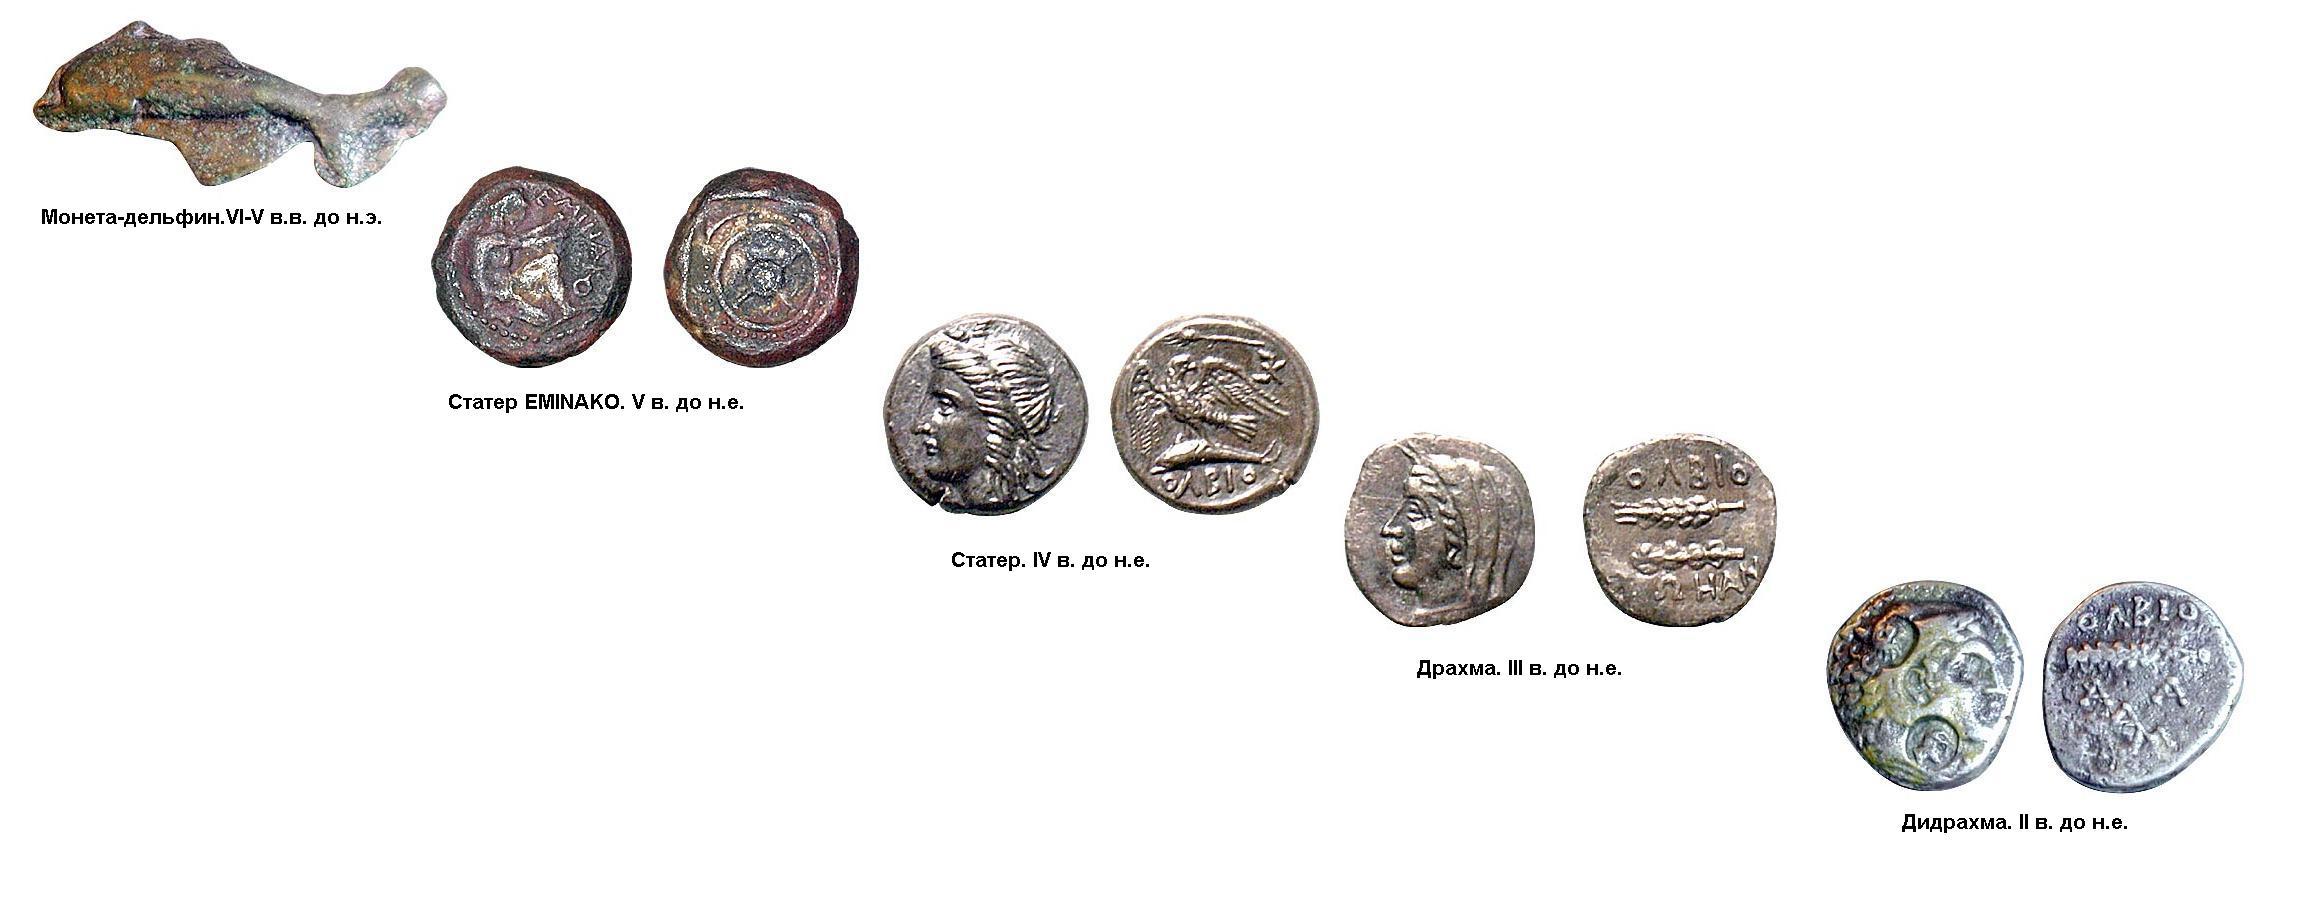 Файл:монеты ольвии vi в. до н. э. - ii в. до н. э.jpg - вики.